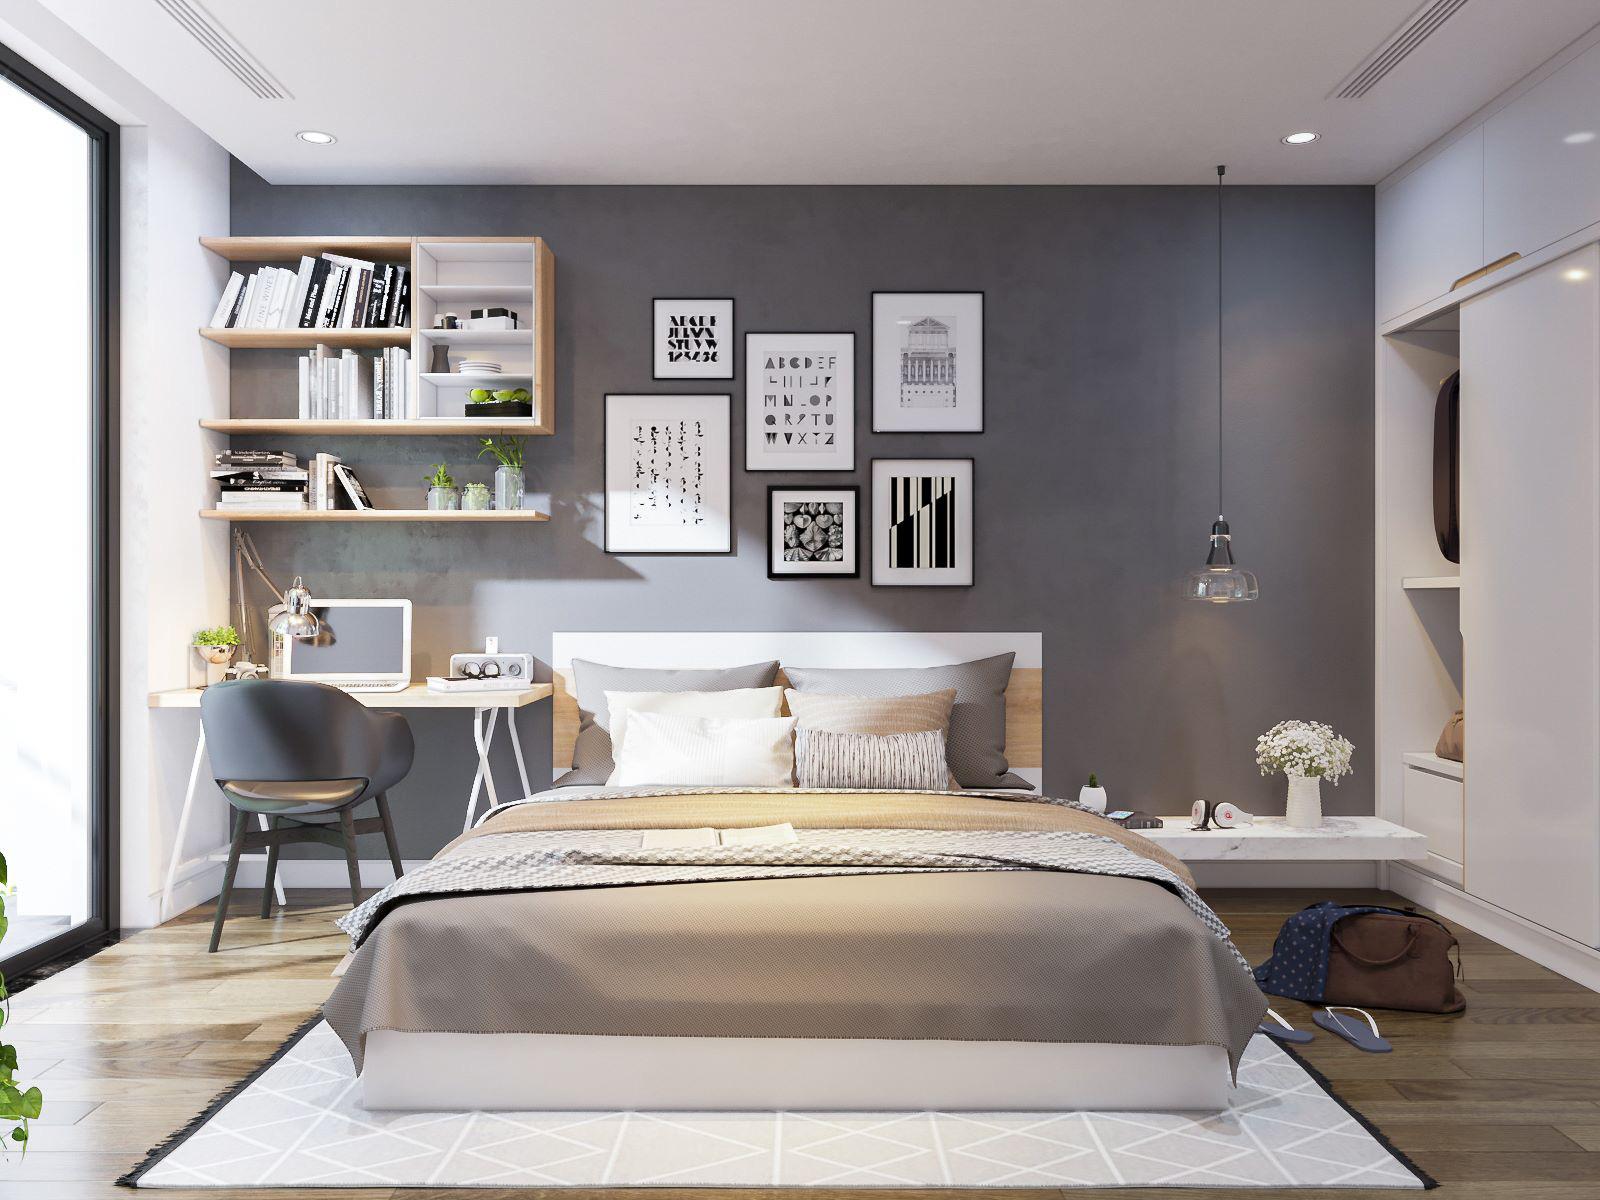 Hình ảnh bức tường đầu giường được trang trí bằng bộ tranh đen - trắng, cạnh đó là góc làm việc nhỏ gọn